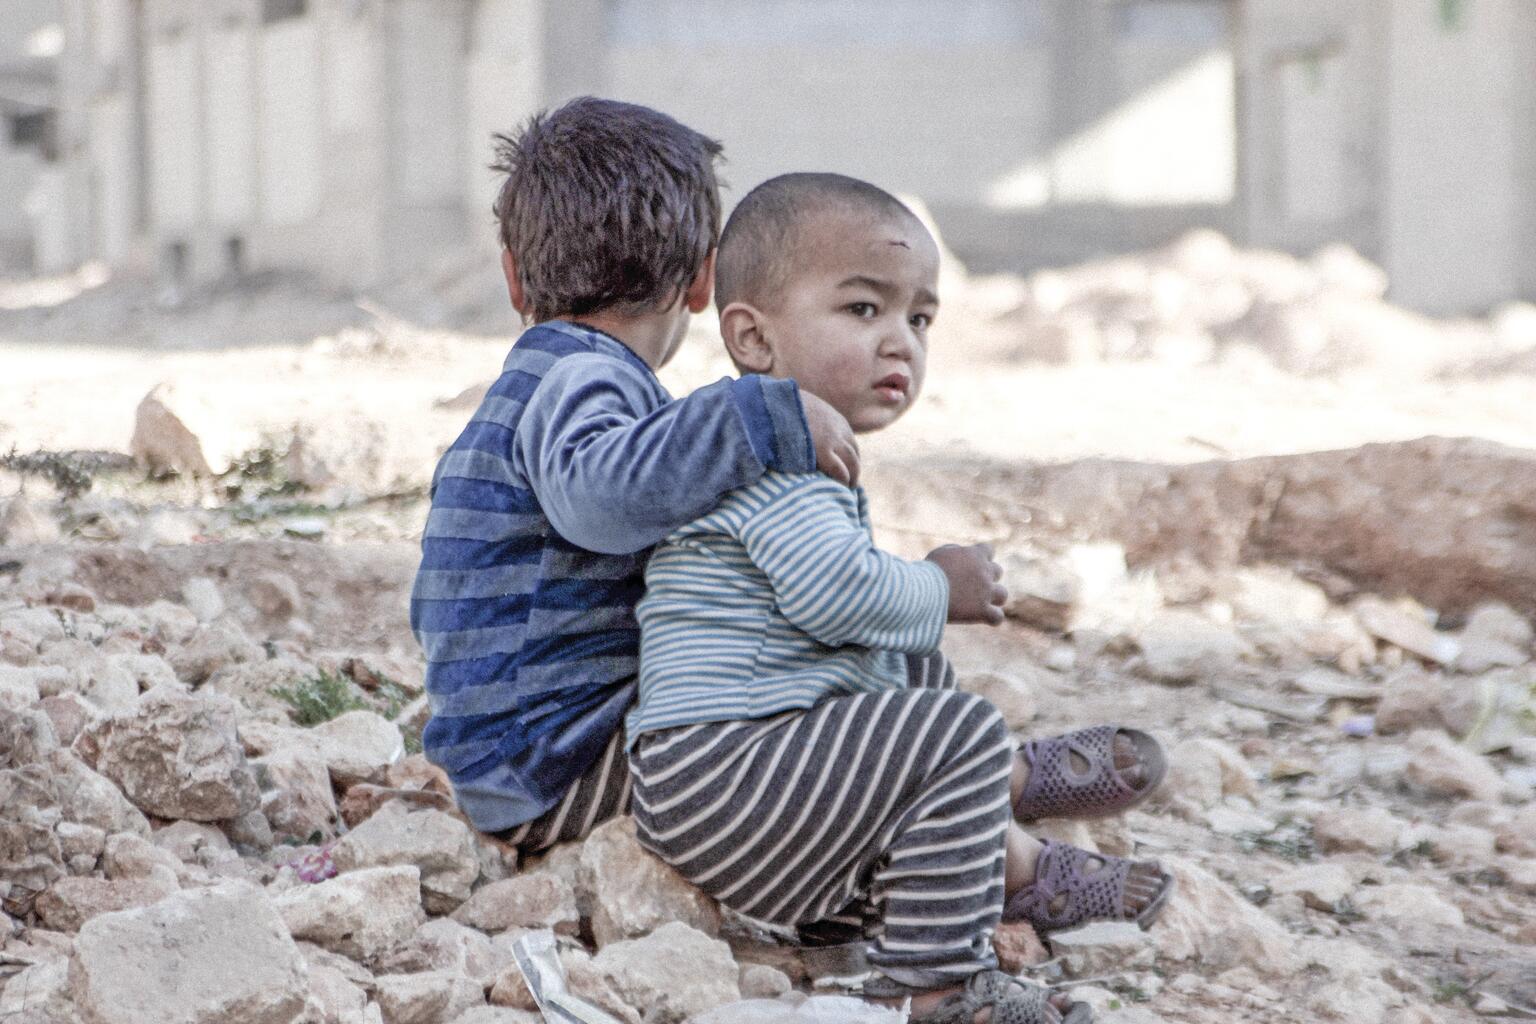 Bild zu Syrien, Kinder, Krieg